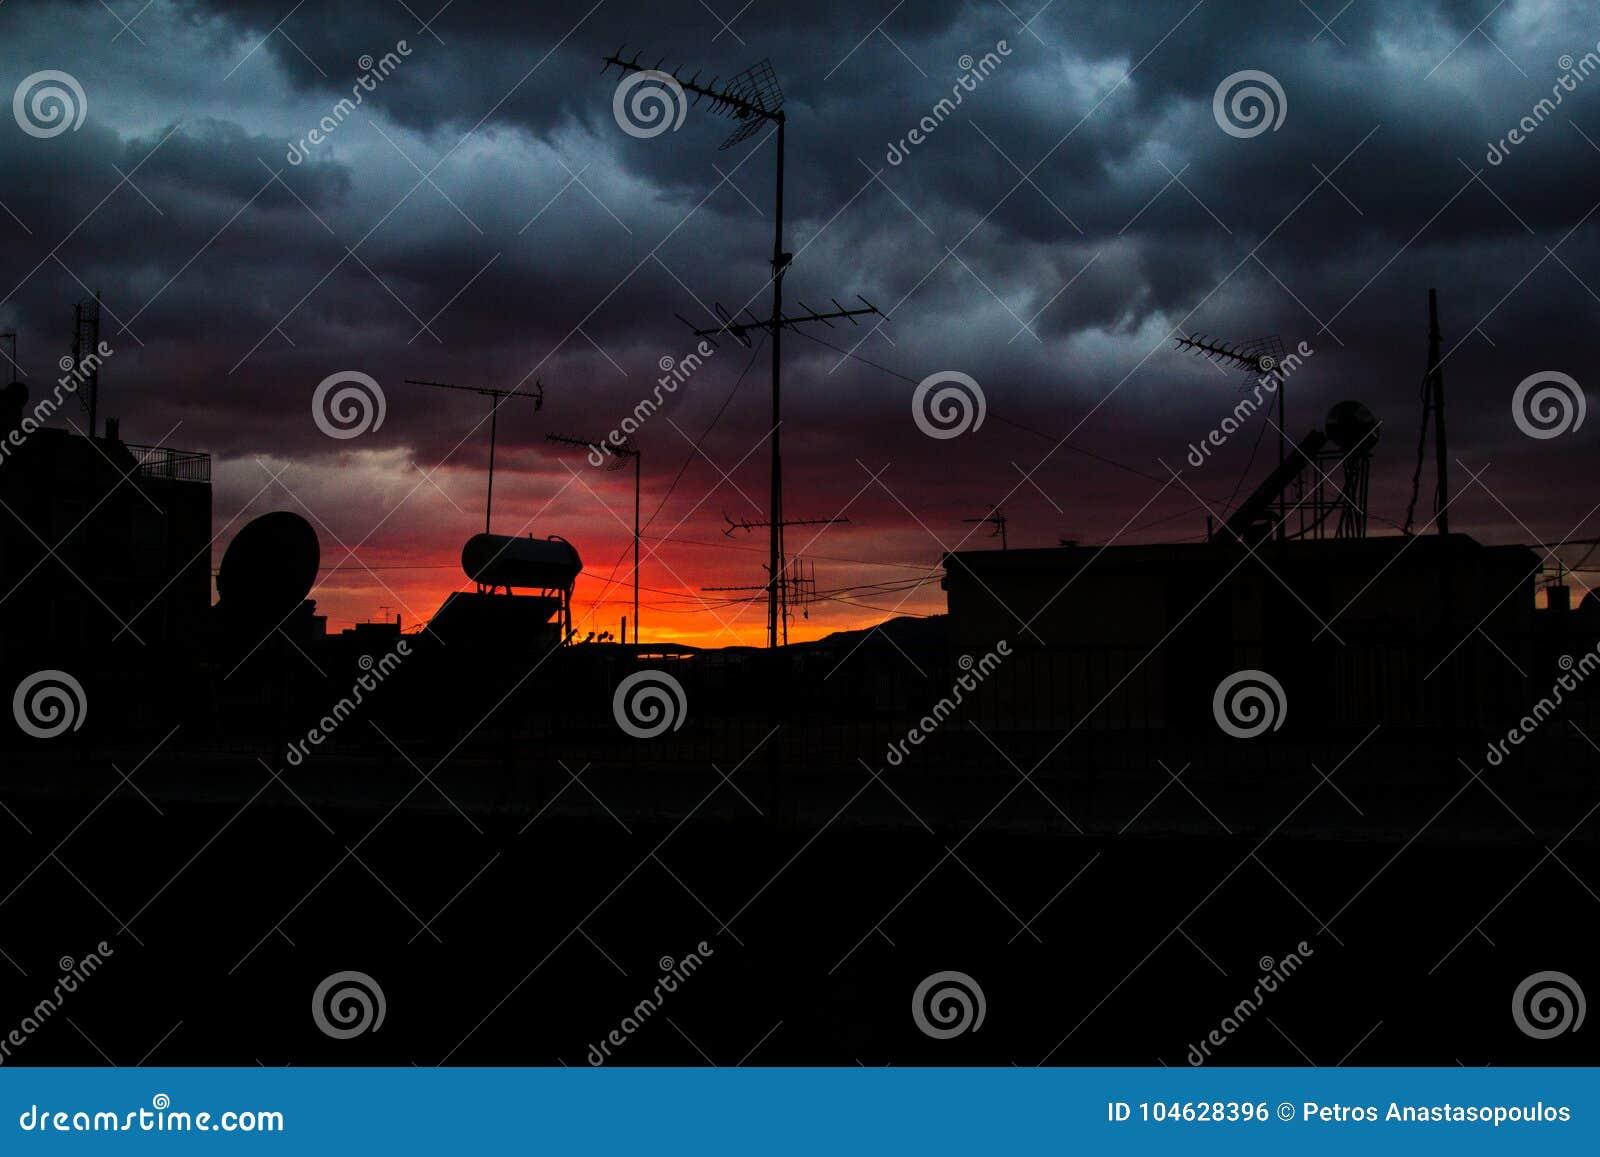 Download Donkere Wolken Over De Stad Stock Foto - Afbeelding bestaande uit cityscape, stad: 104628396